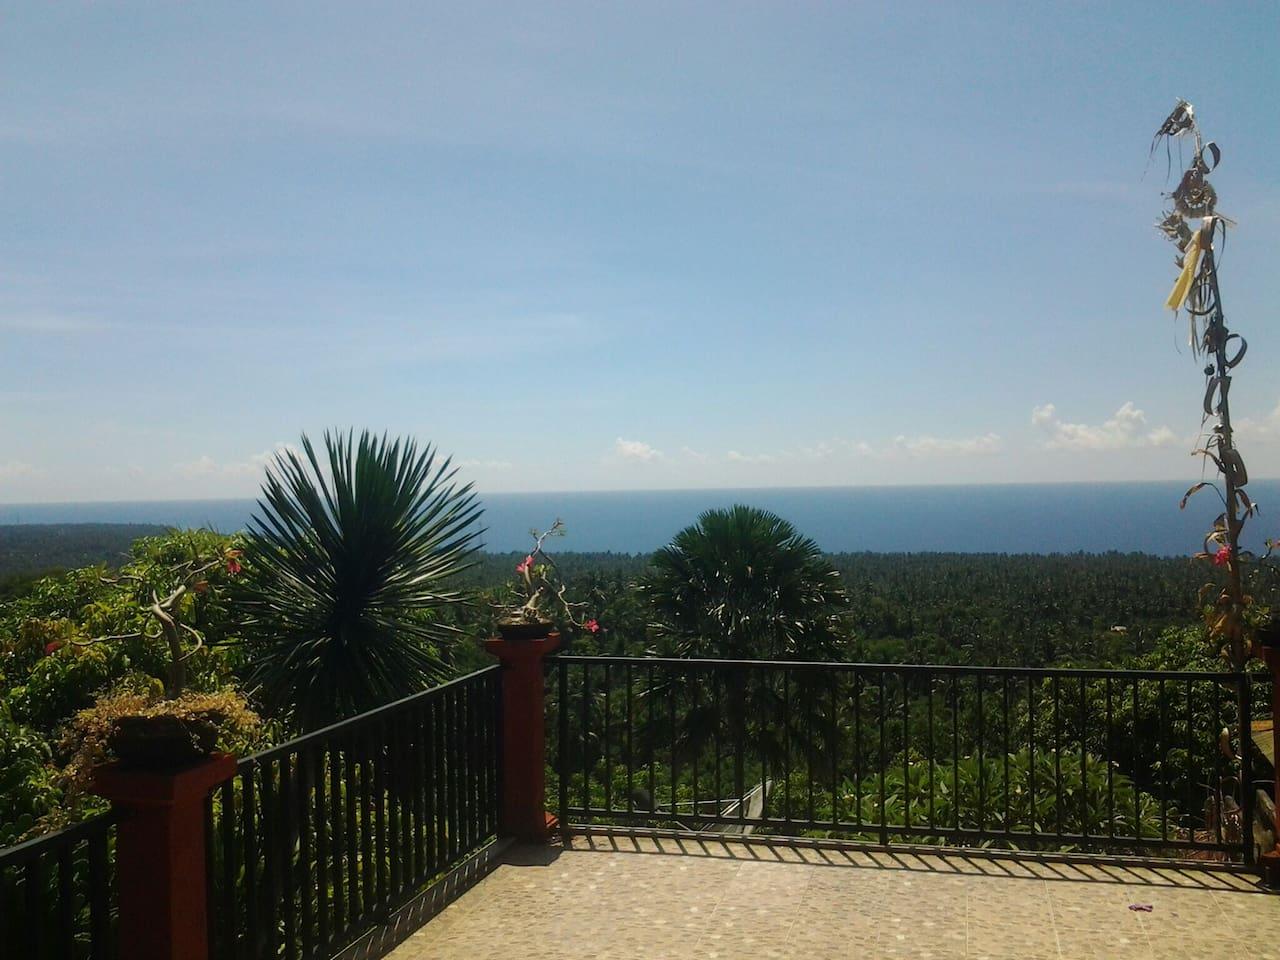 North bali view